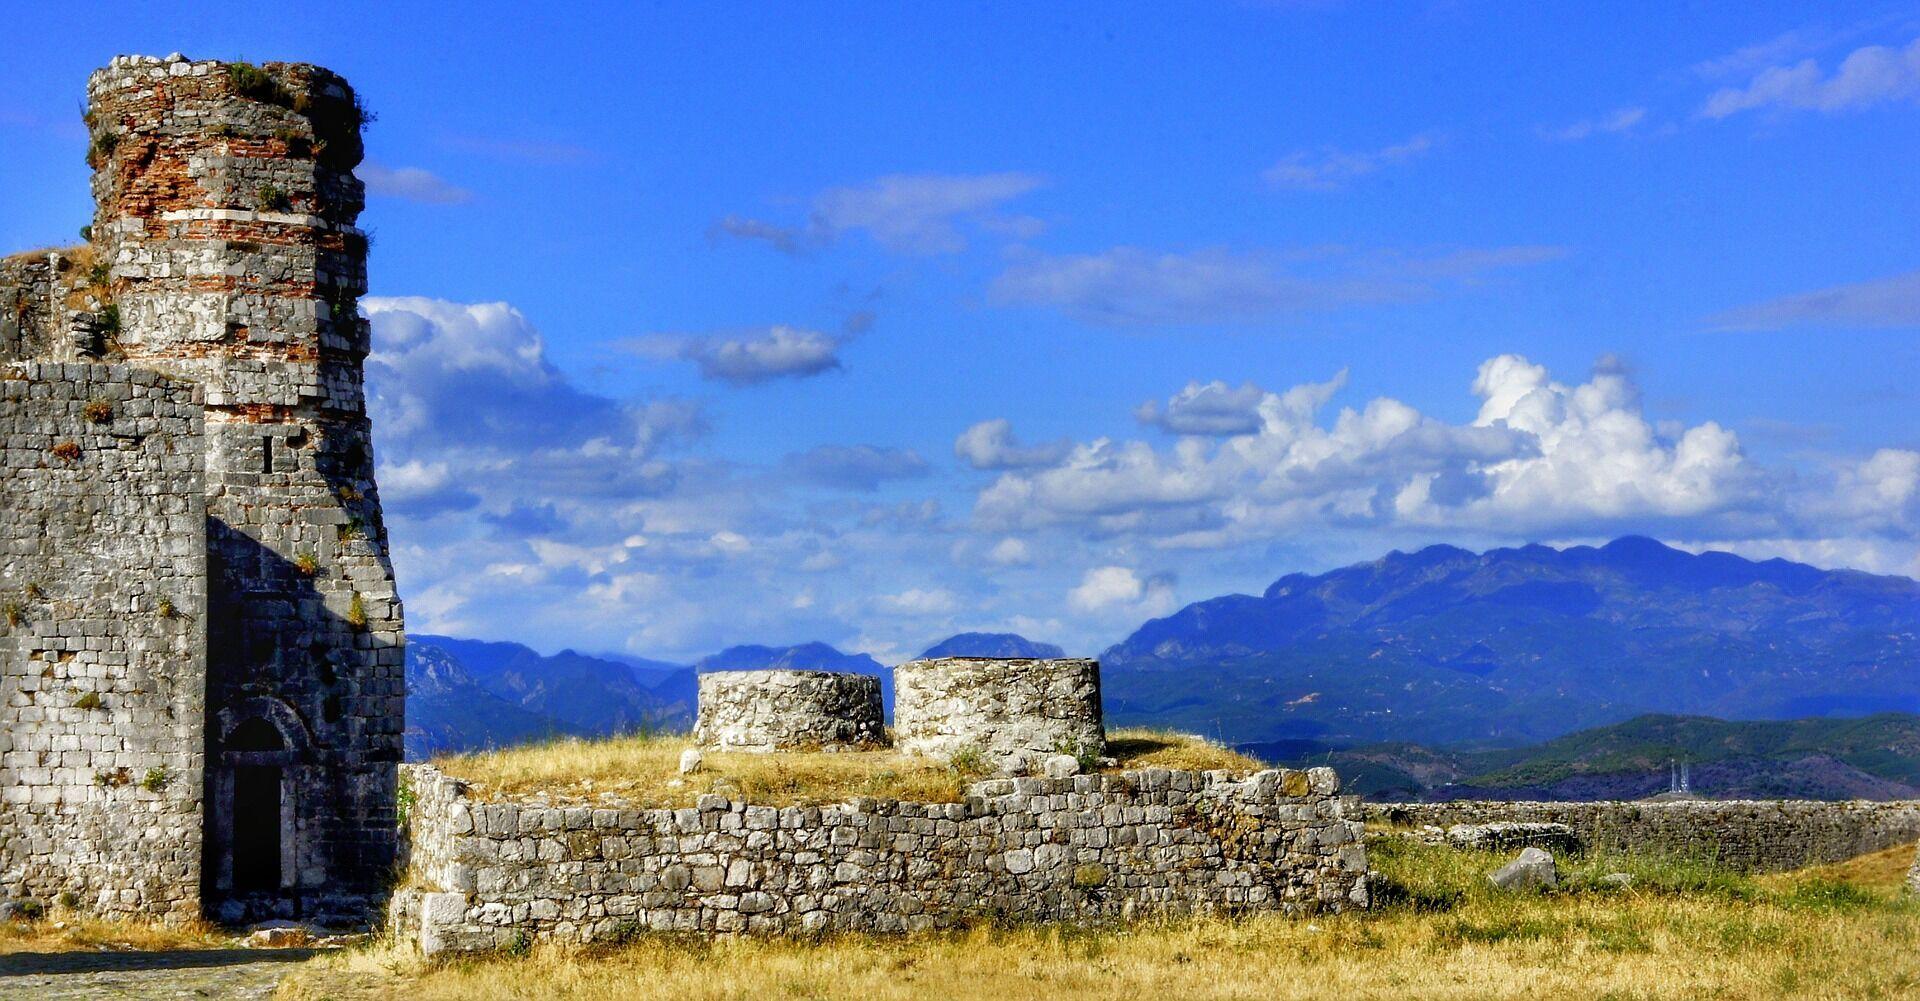 У Саранді розташовується найбільша в Албанії кількість історичних пам'яток кам'яного віку